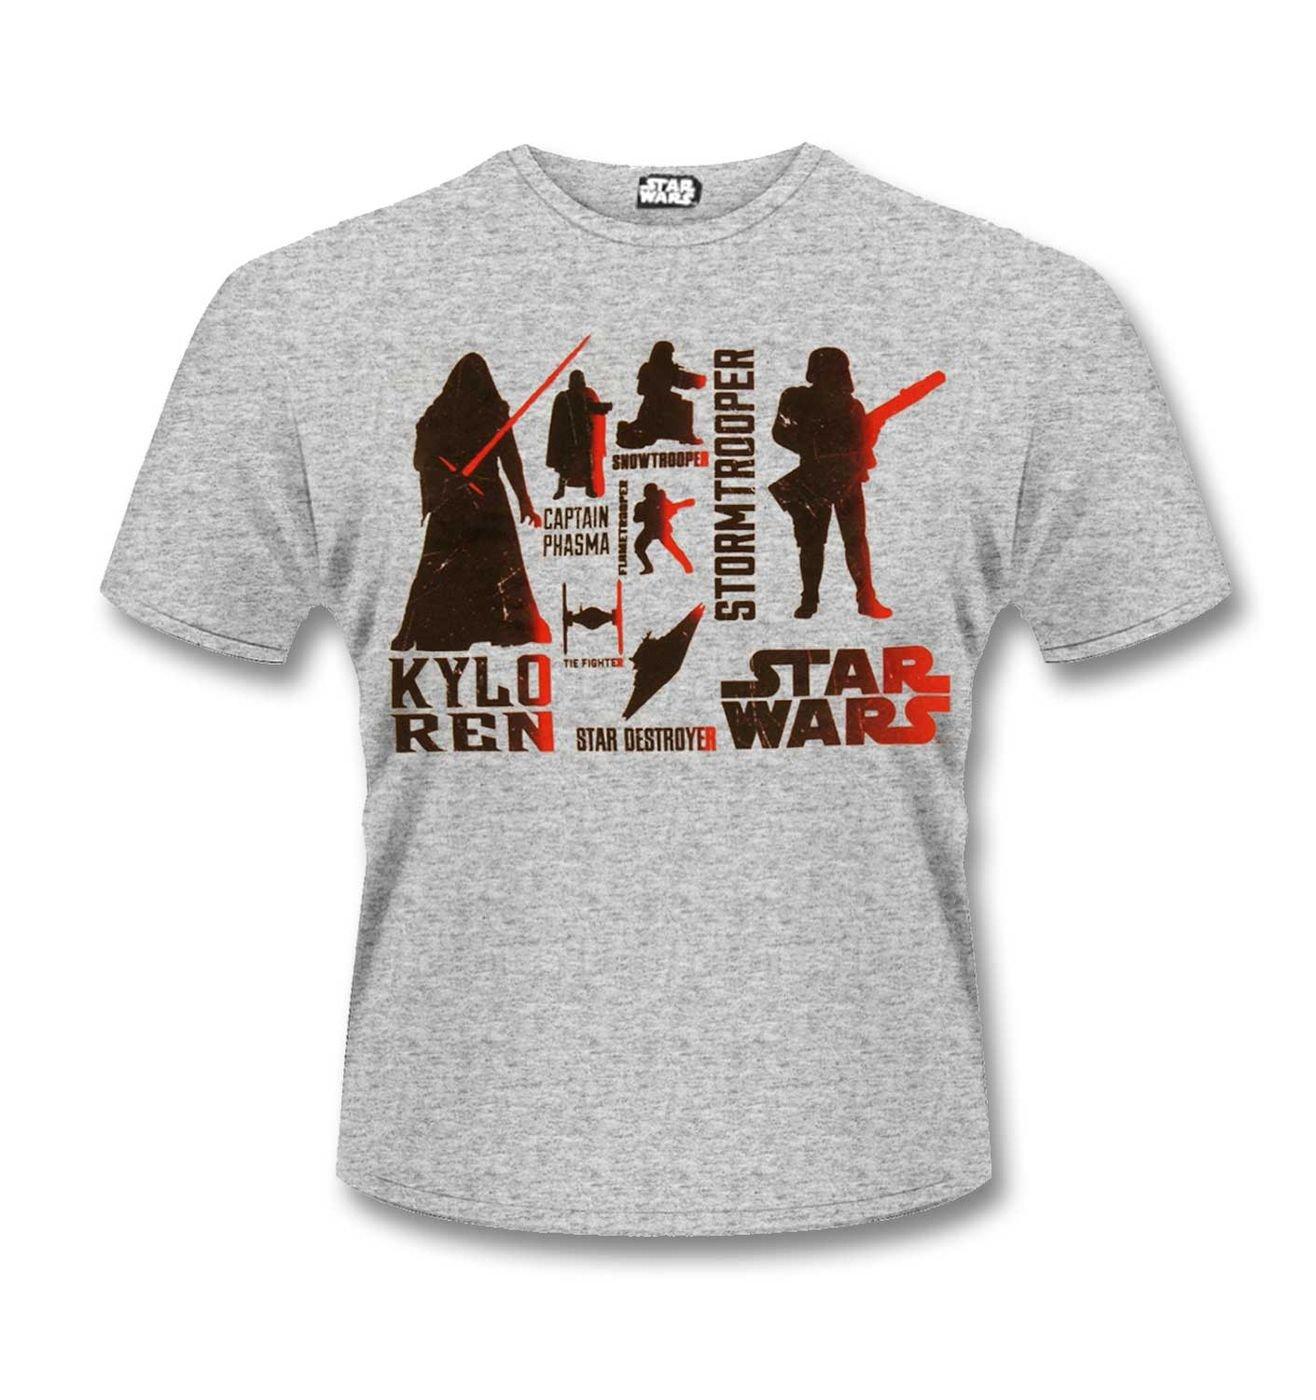 The Force Awakens Villains t-shirt - official Star Wars merchandise